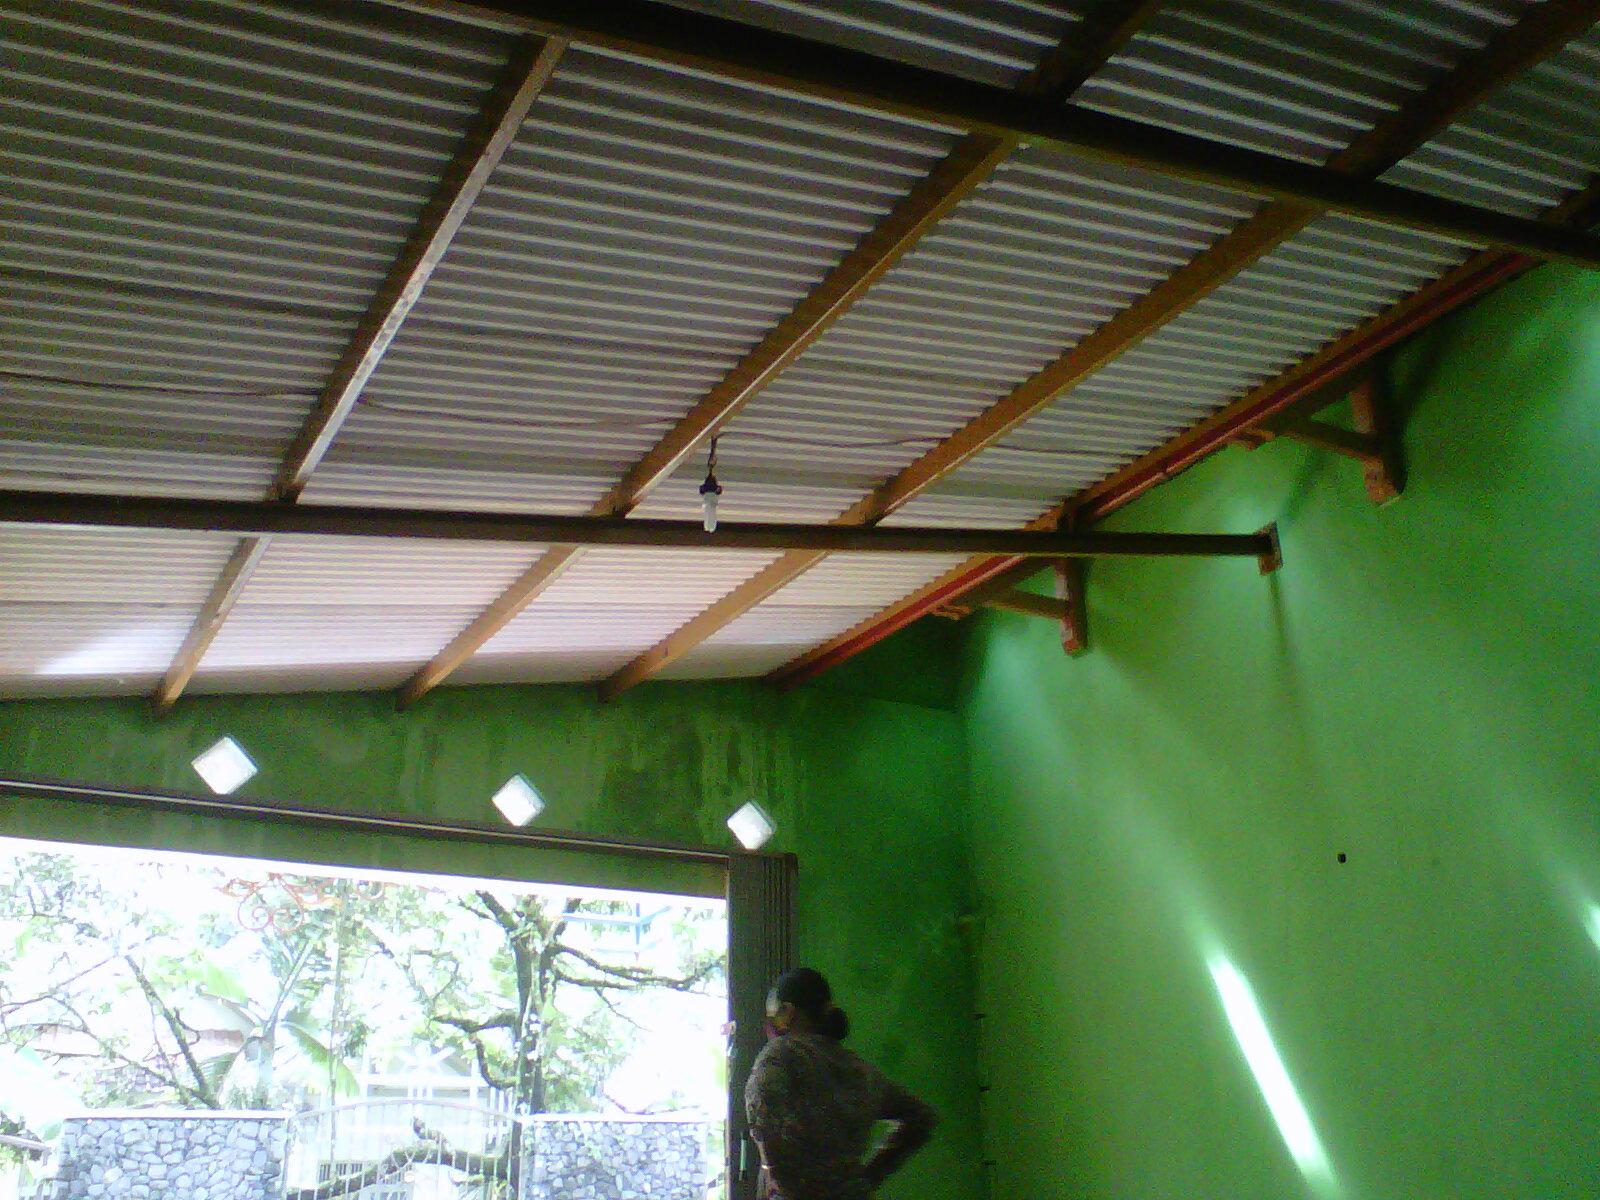 Kanopi Baja Ringan Tanpa Tiang Penyangga Mandiri: Menjual Macam Bahan Canopy,kanopi ,carport